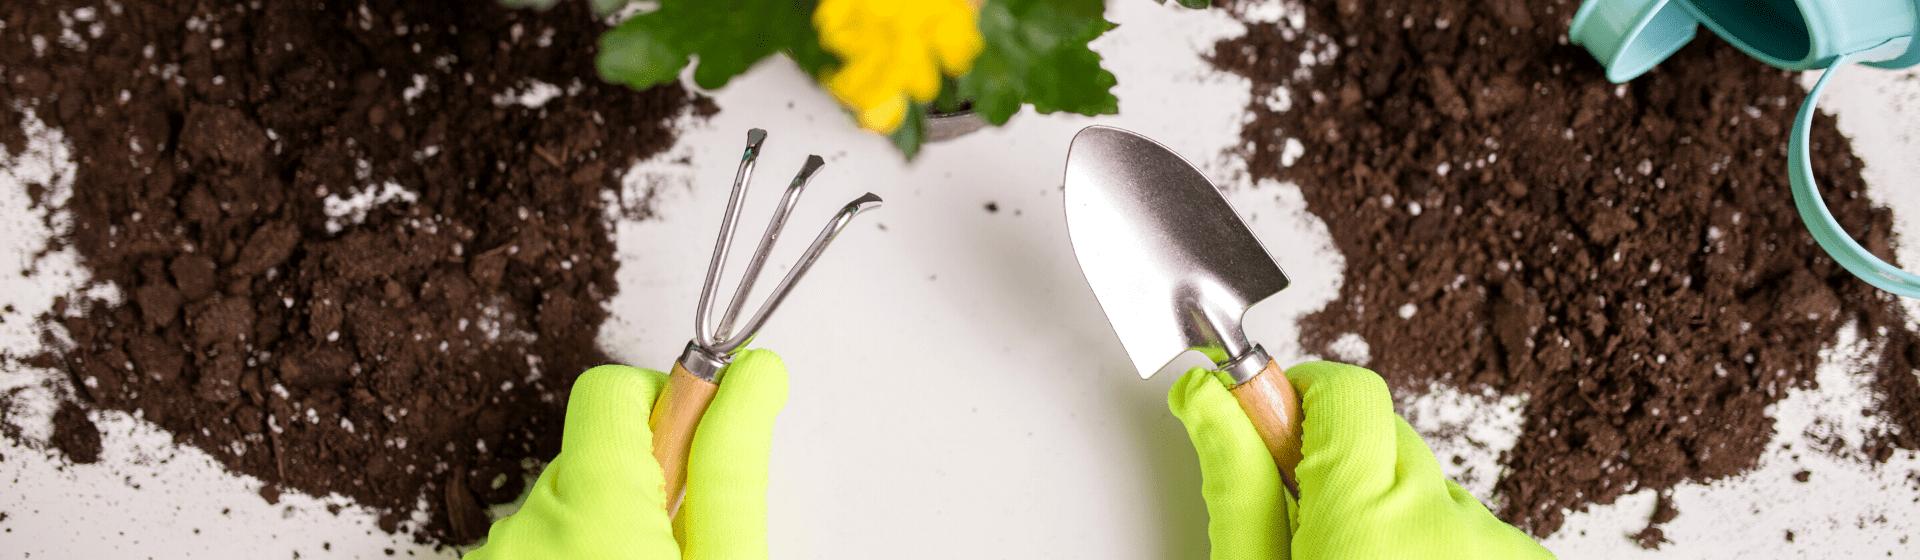 Ferramentas de jardinagem: como montar um kit de jardinagem?